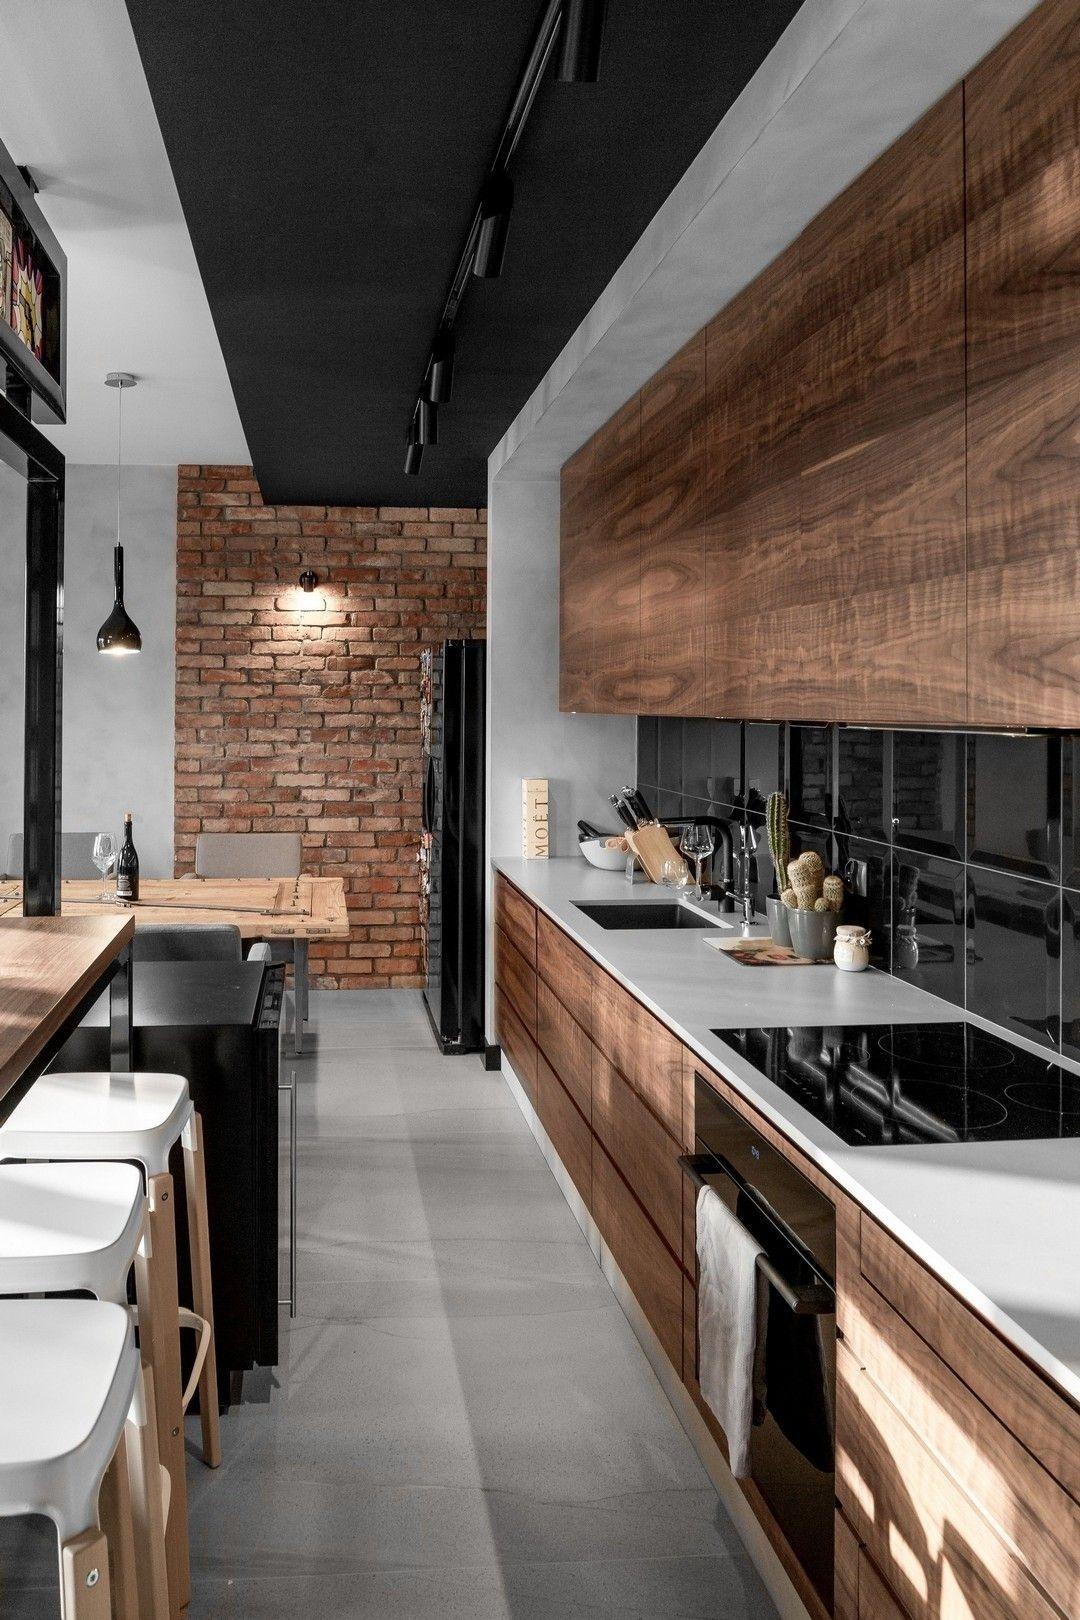 44 Best Kitchen Design Ideas That Inspire You In 2020 Interior Design Kitchen Modern Kitchen Design Home Decor Kitchen